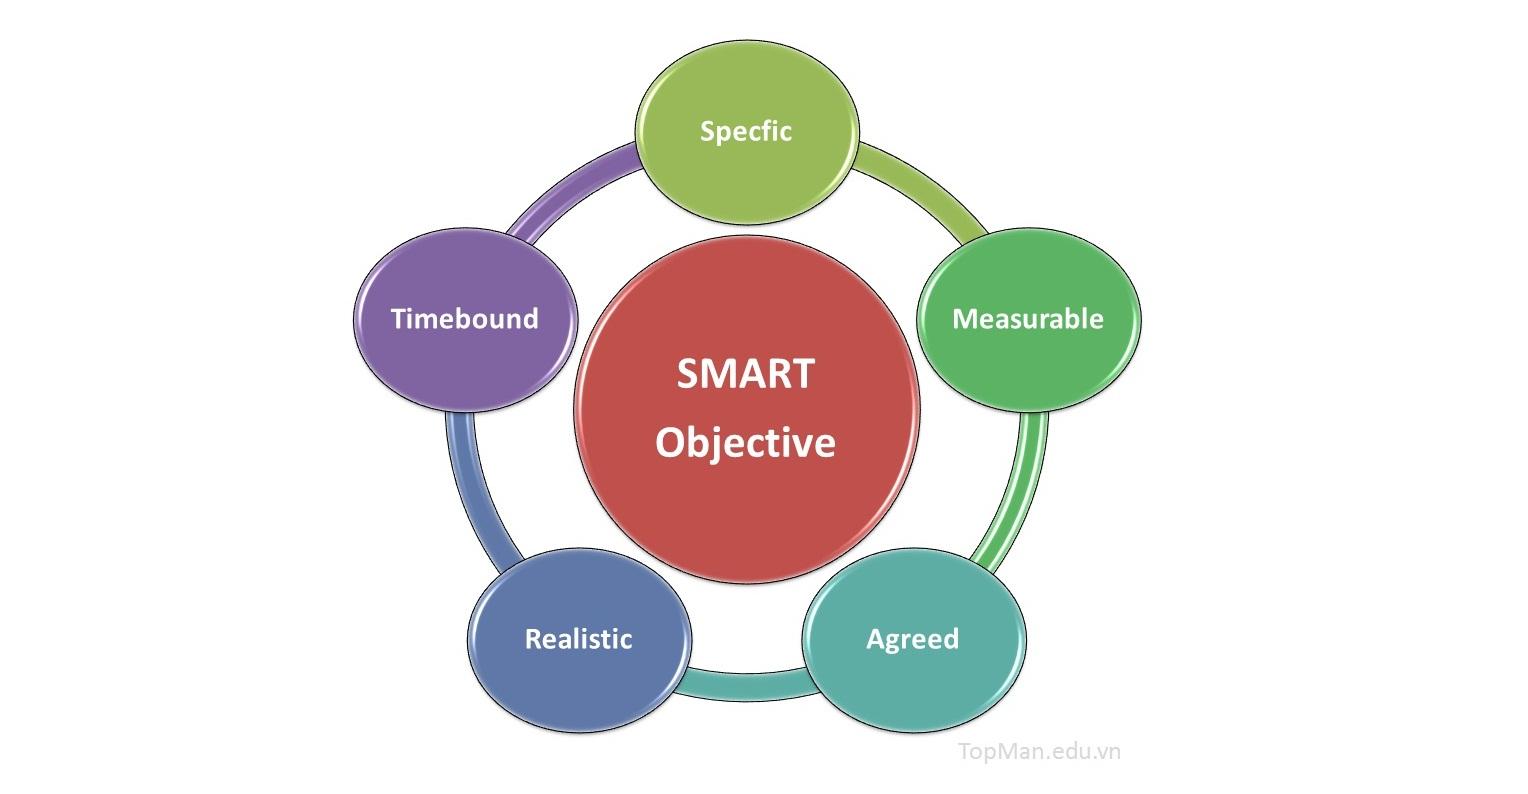 01 Smart Objective Topman 1 Cách xây dựng Mục tiêu chất lượng năm 2020 theo SMART